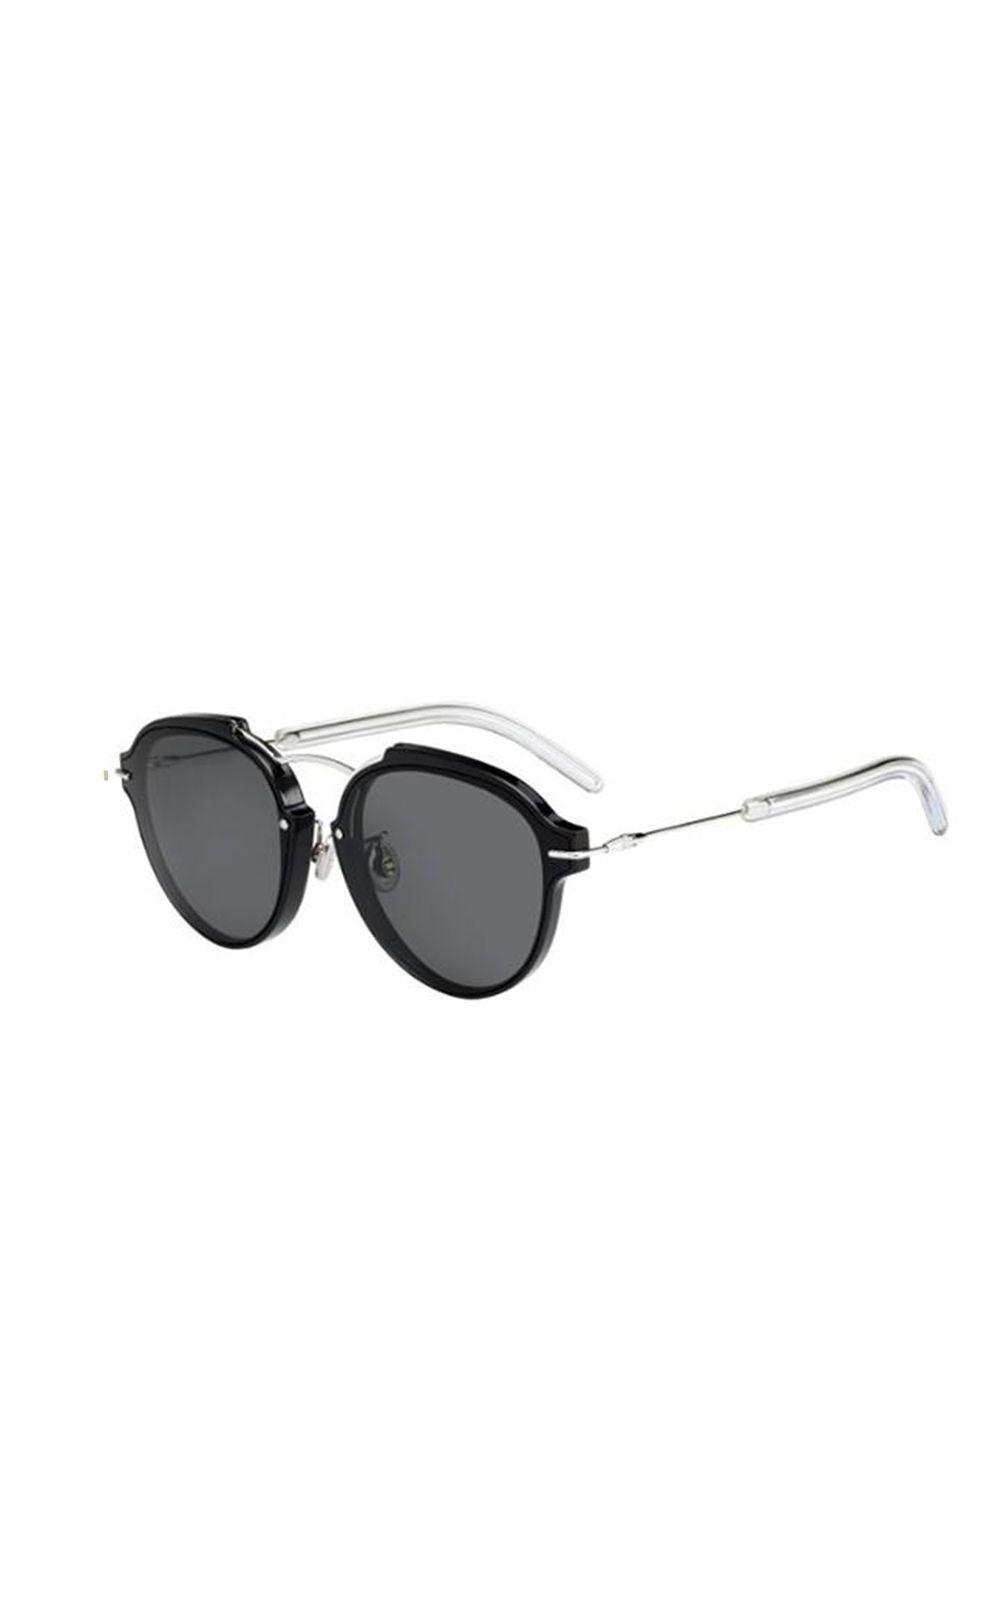 8c4632ac338db Óculos de Sol Dior Homme 220 ECLQT. undefined